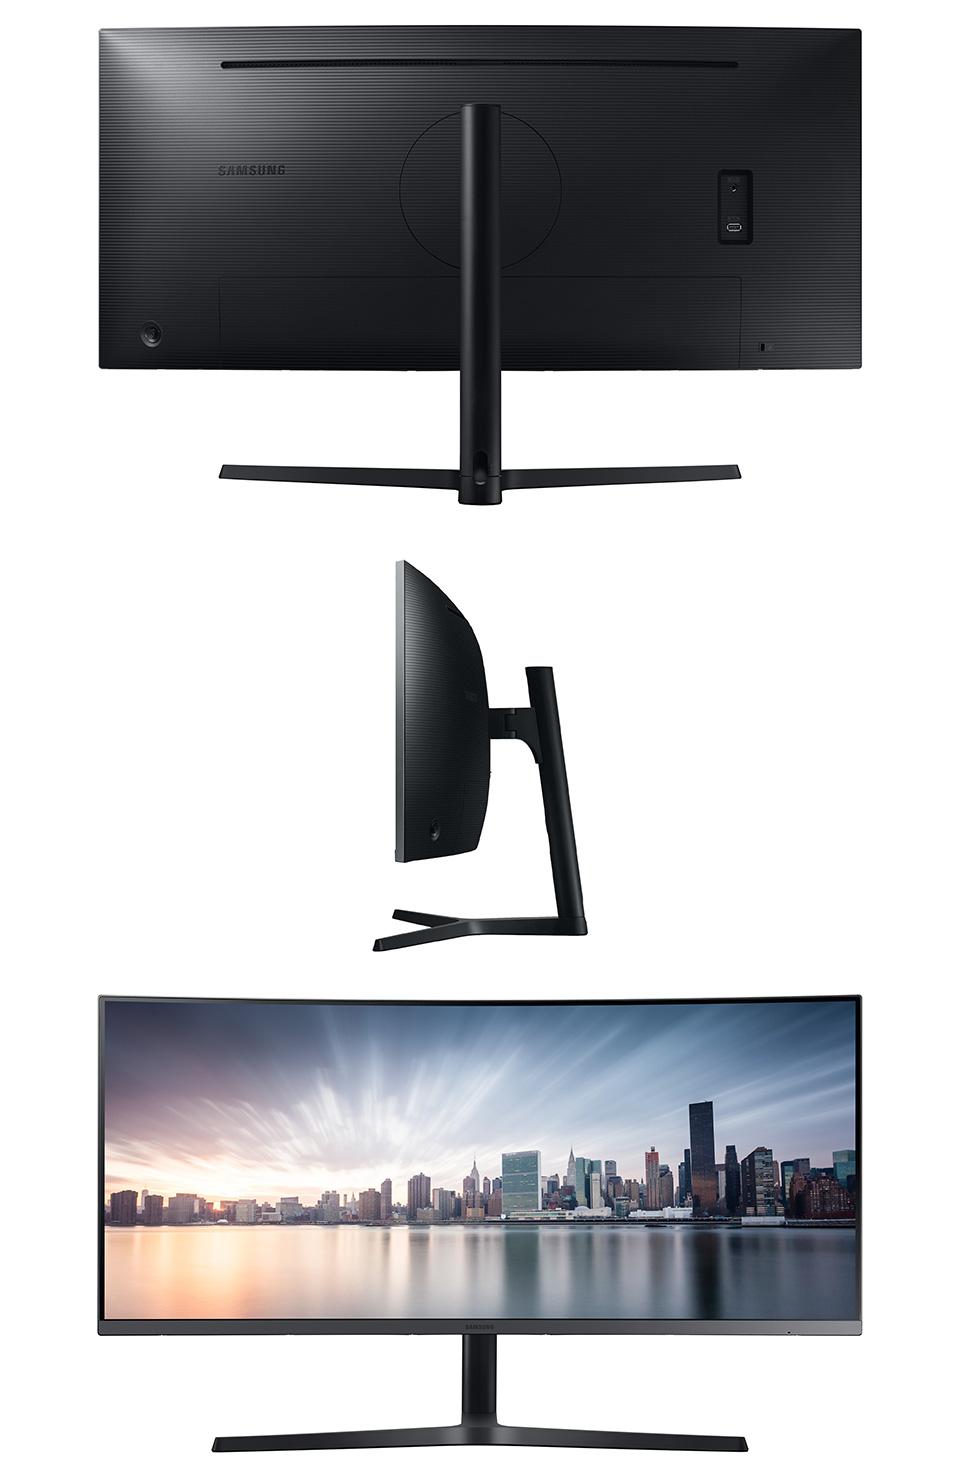 Samsung CH89 UWQHD 100Hz FreeSync Curved USB-C 34in Monitor product